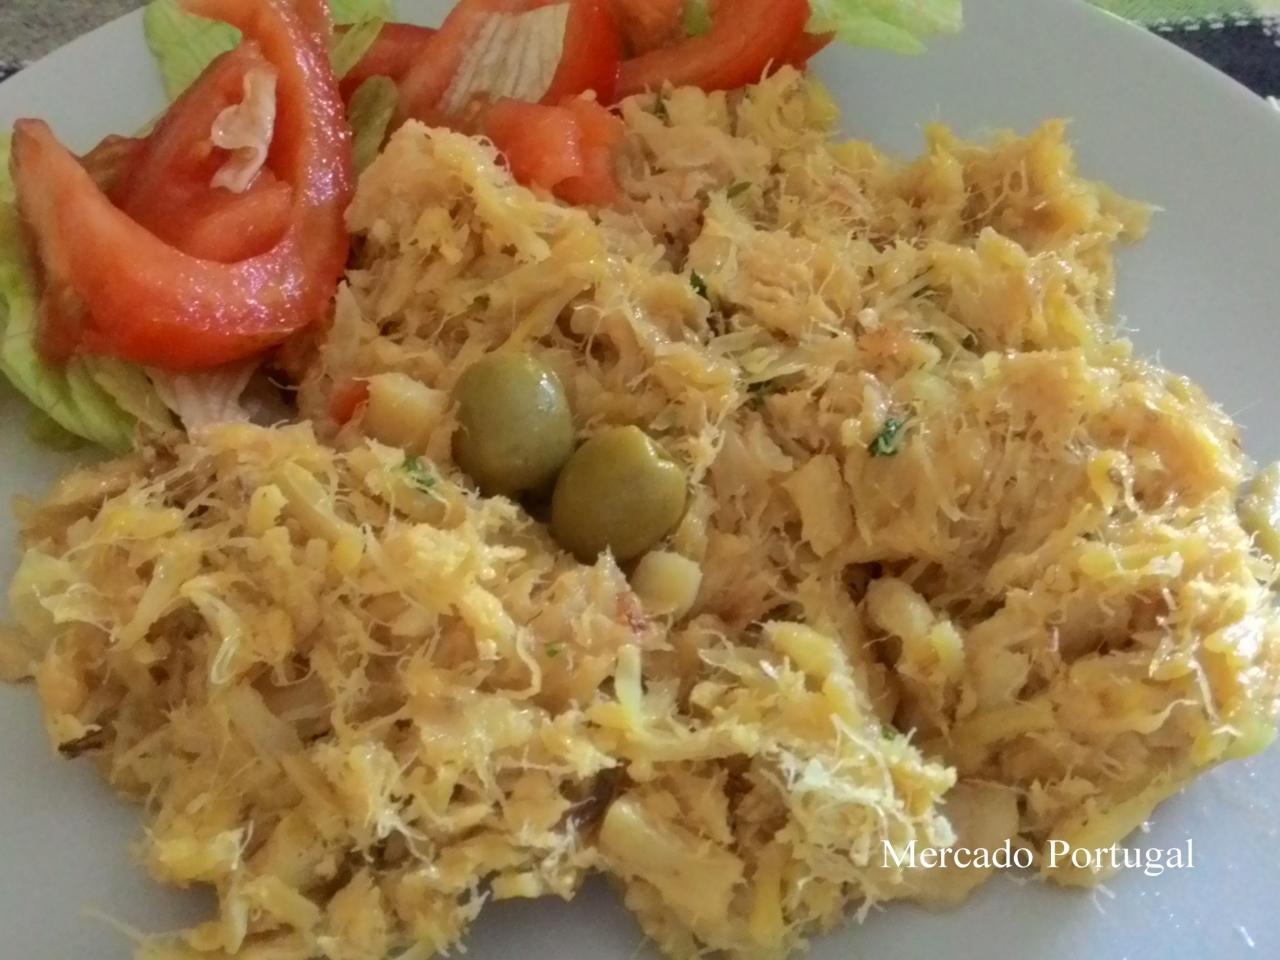 みんな大好き干しダラの卵とじ(バカリャウ・ア・ブラシュBacalhau à Brás)